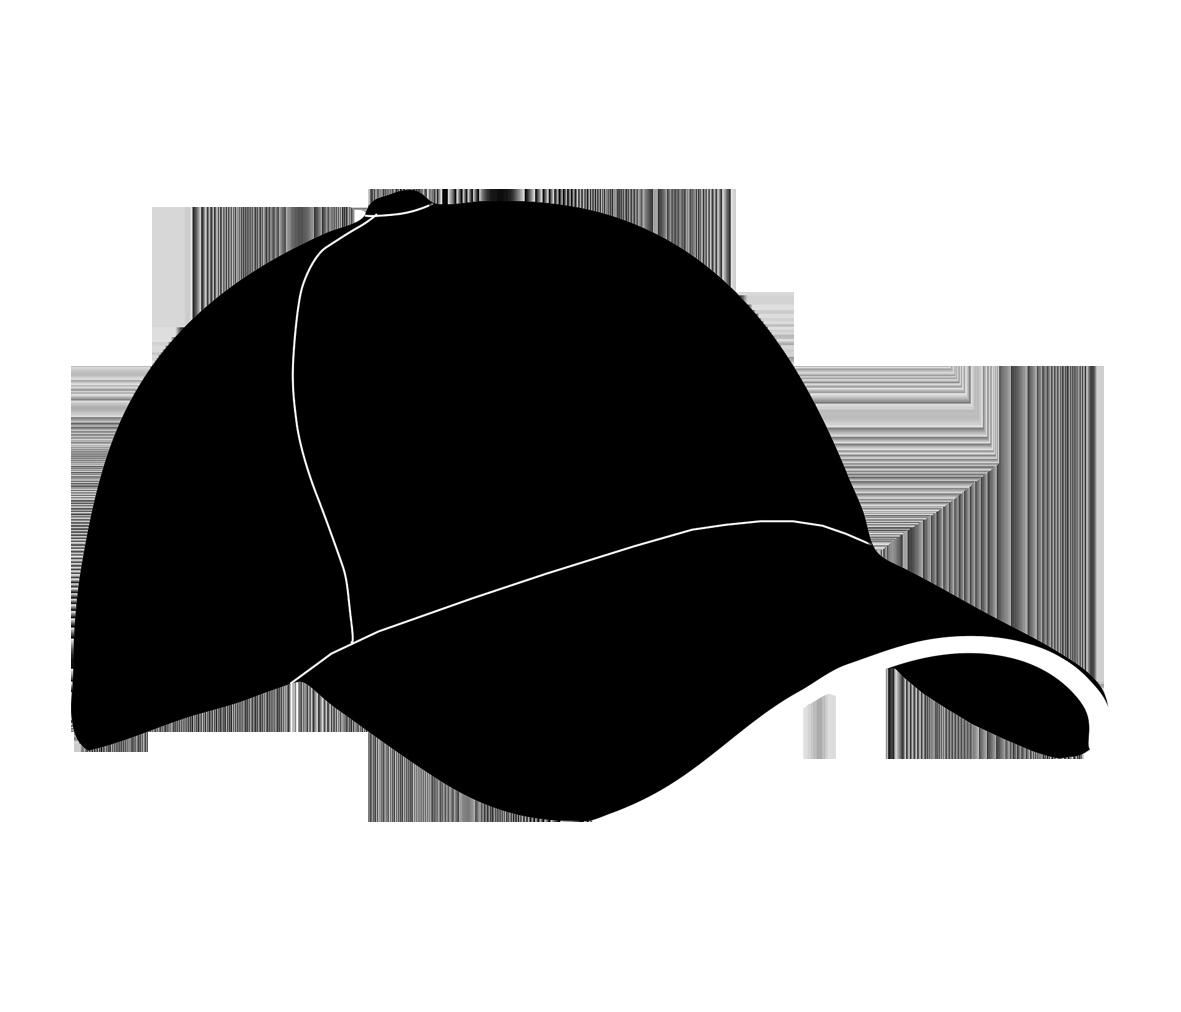 baseball clipart baseball hat clipart free baseball hat outline clipart